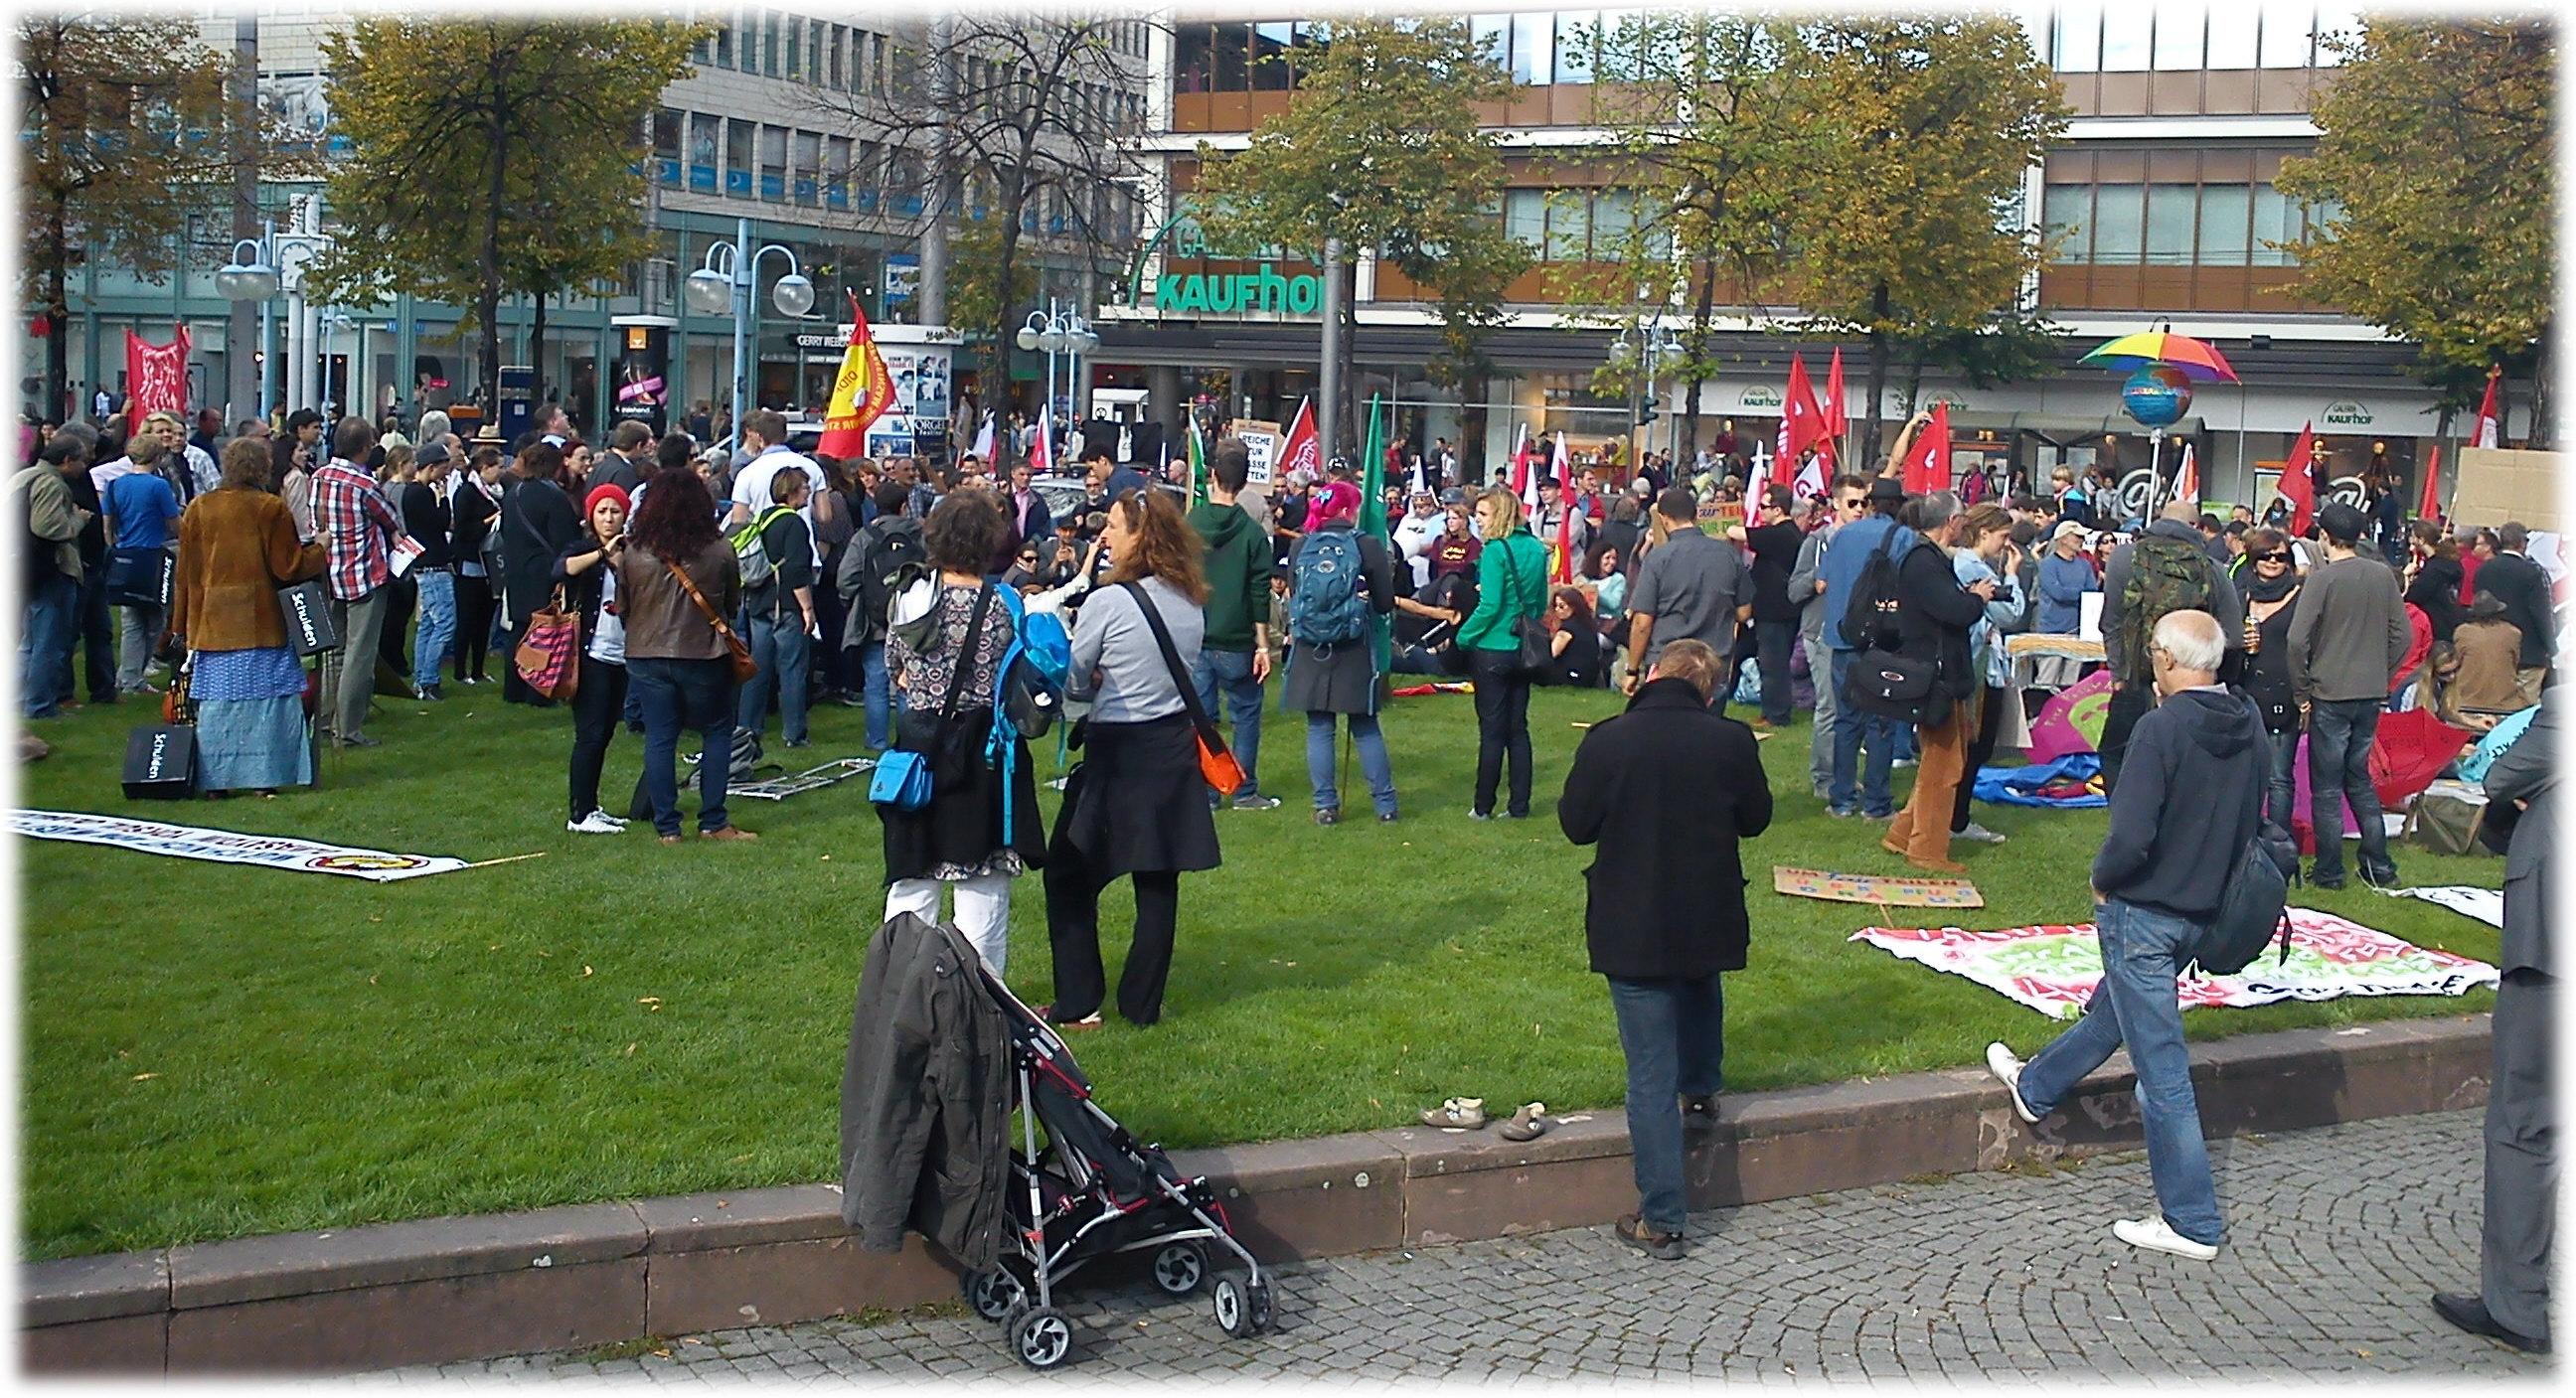 2012-09-29-UmFAIRteilen-Mannheim-VI